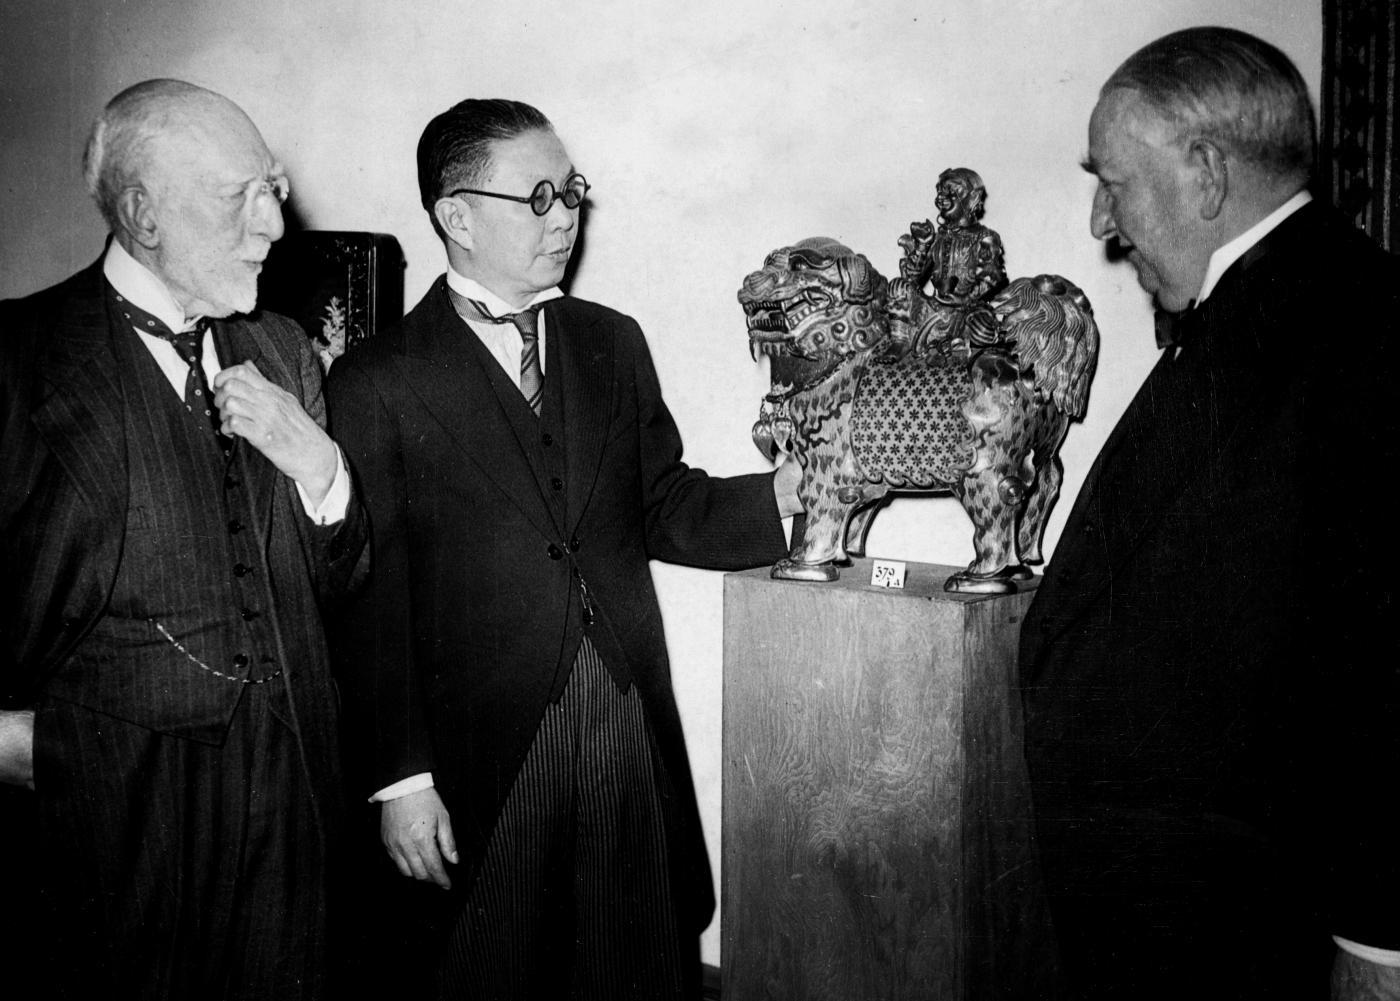 La storia del Kuomintang, il Partito Nazionalista Cinese